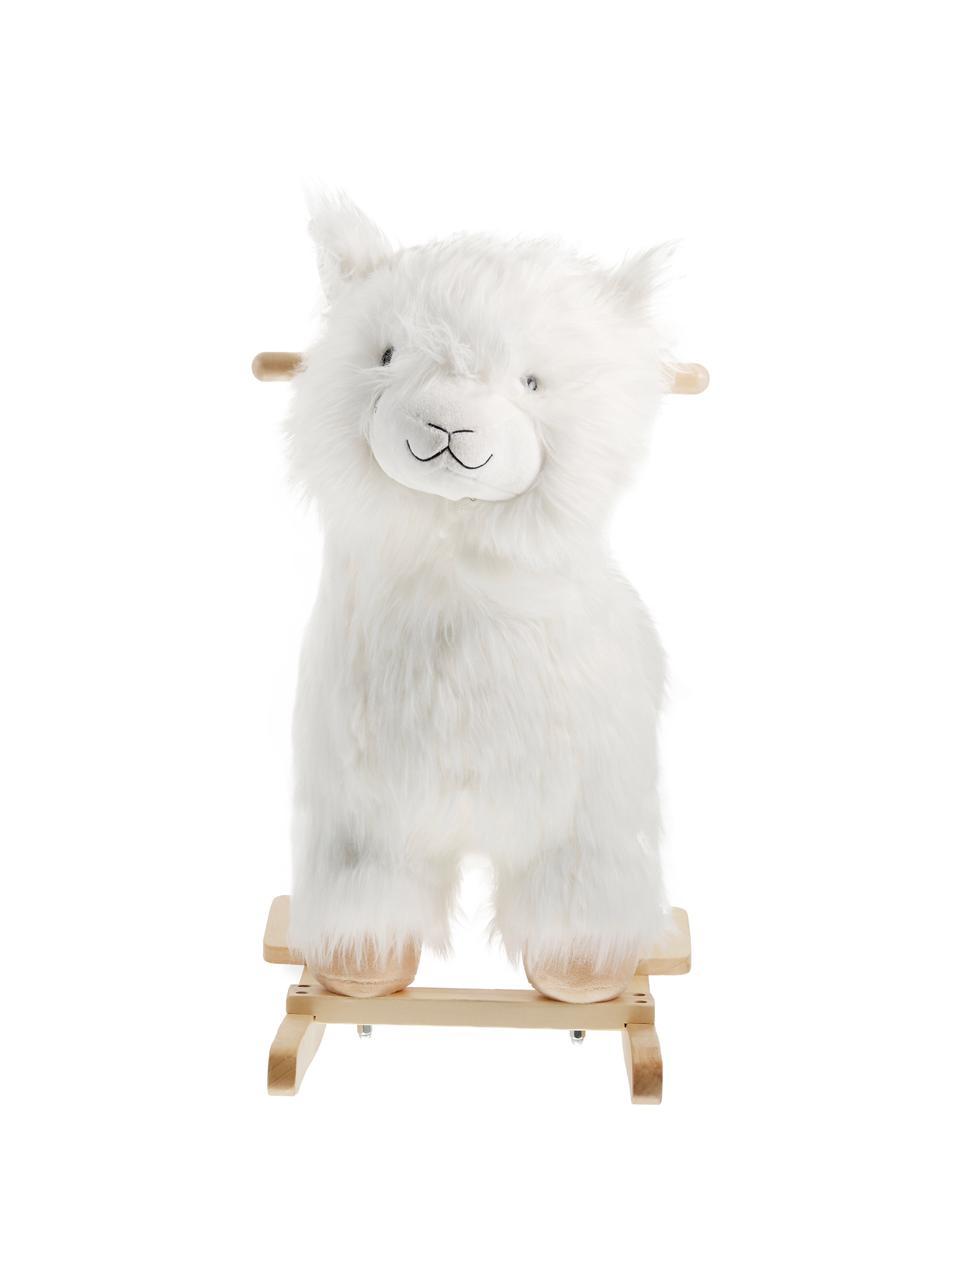 Schaukeltier Lama, Polyester, Pappelholz, Weiß, Braun, 65 x 70 cm